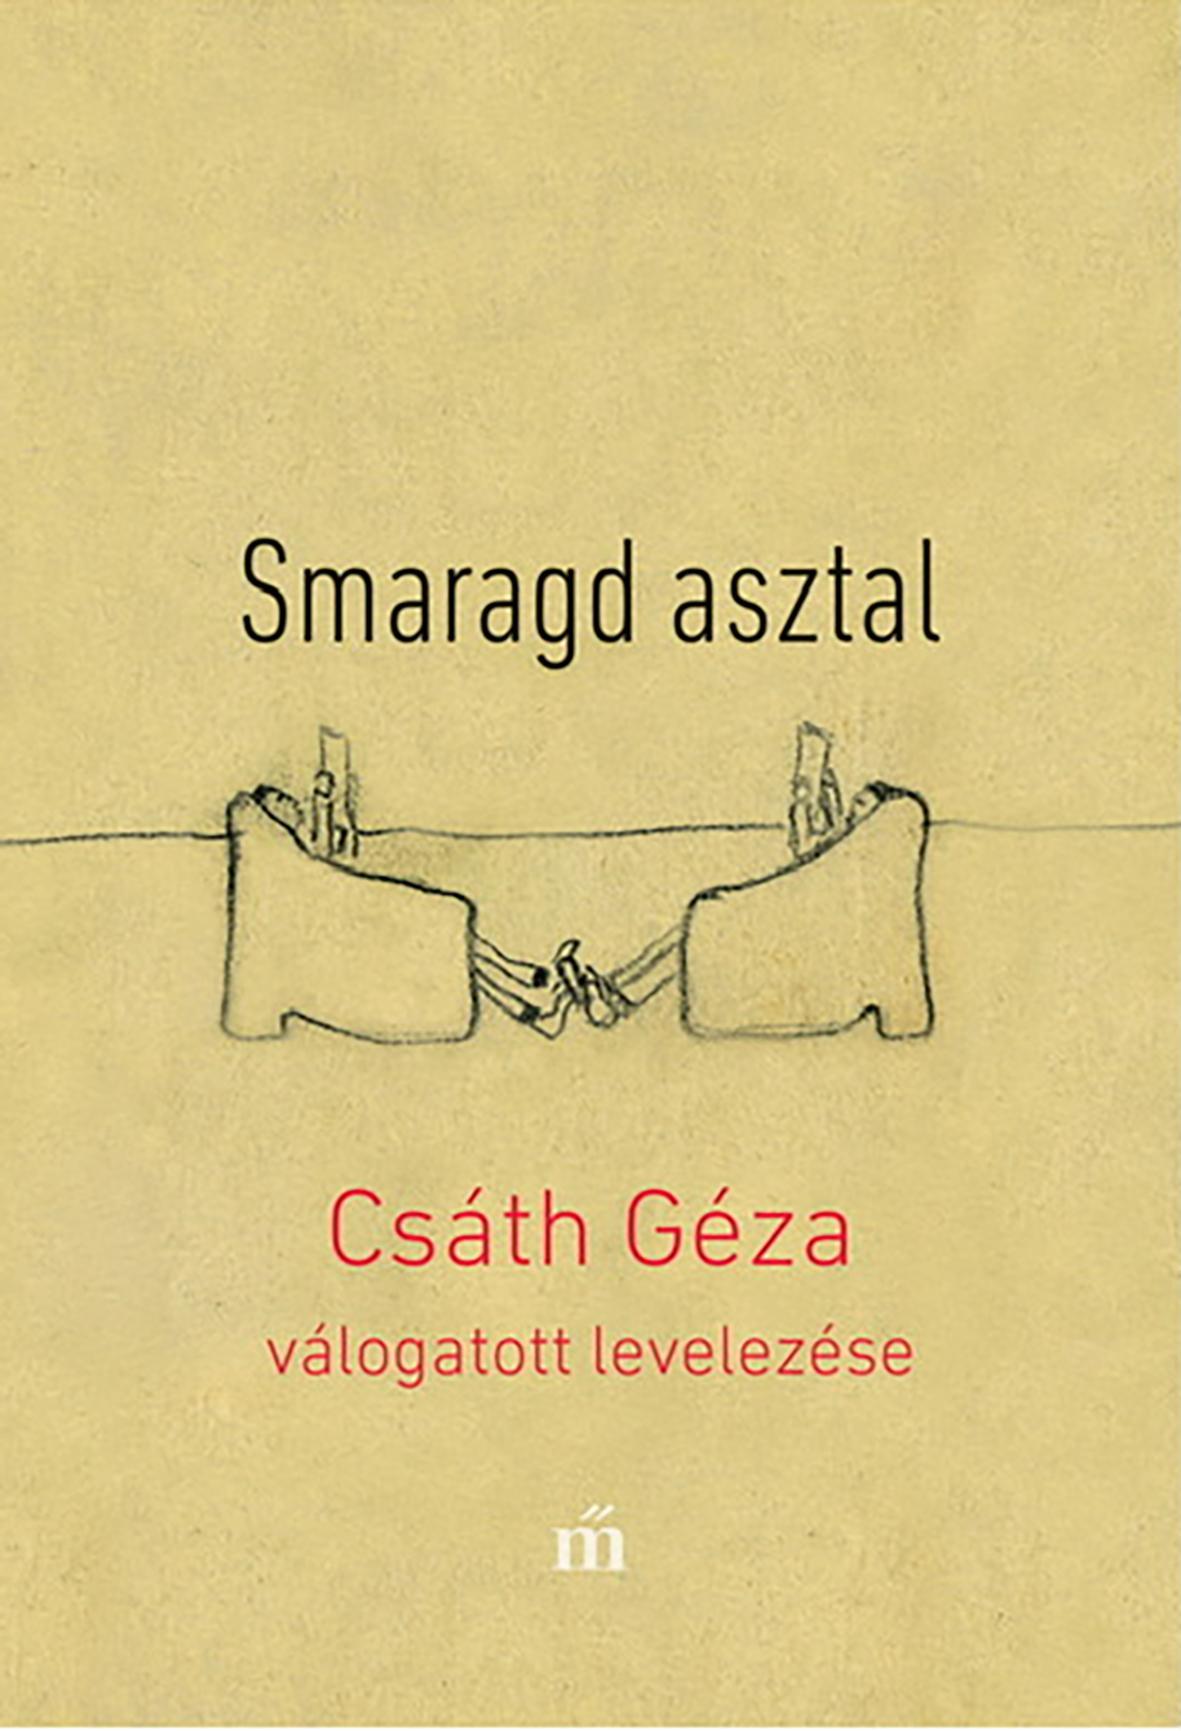 Csáth Géza - Smaragd asztal - Csáth Géza válogatott levelezése